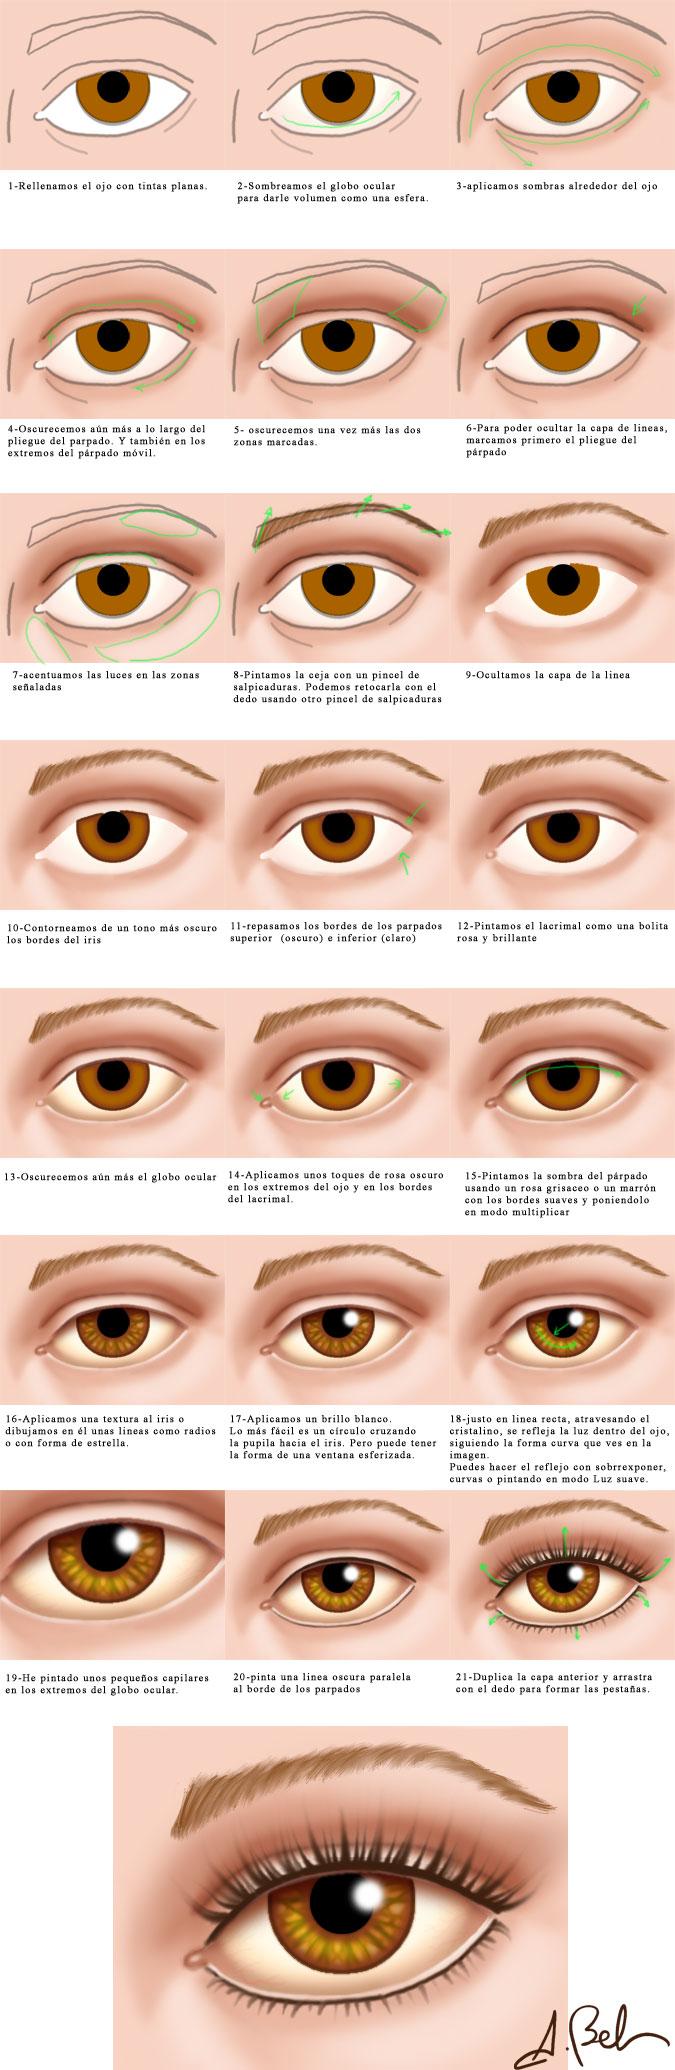 Pintar un ojo by aliciabel on deviantart for Como pintar un ojo